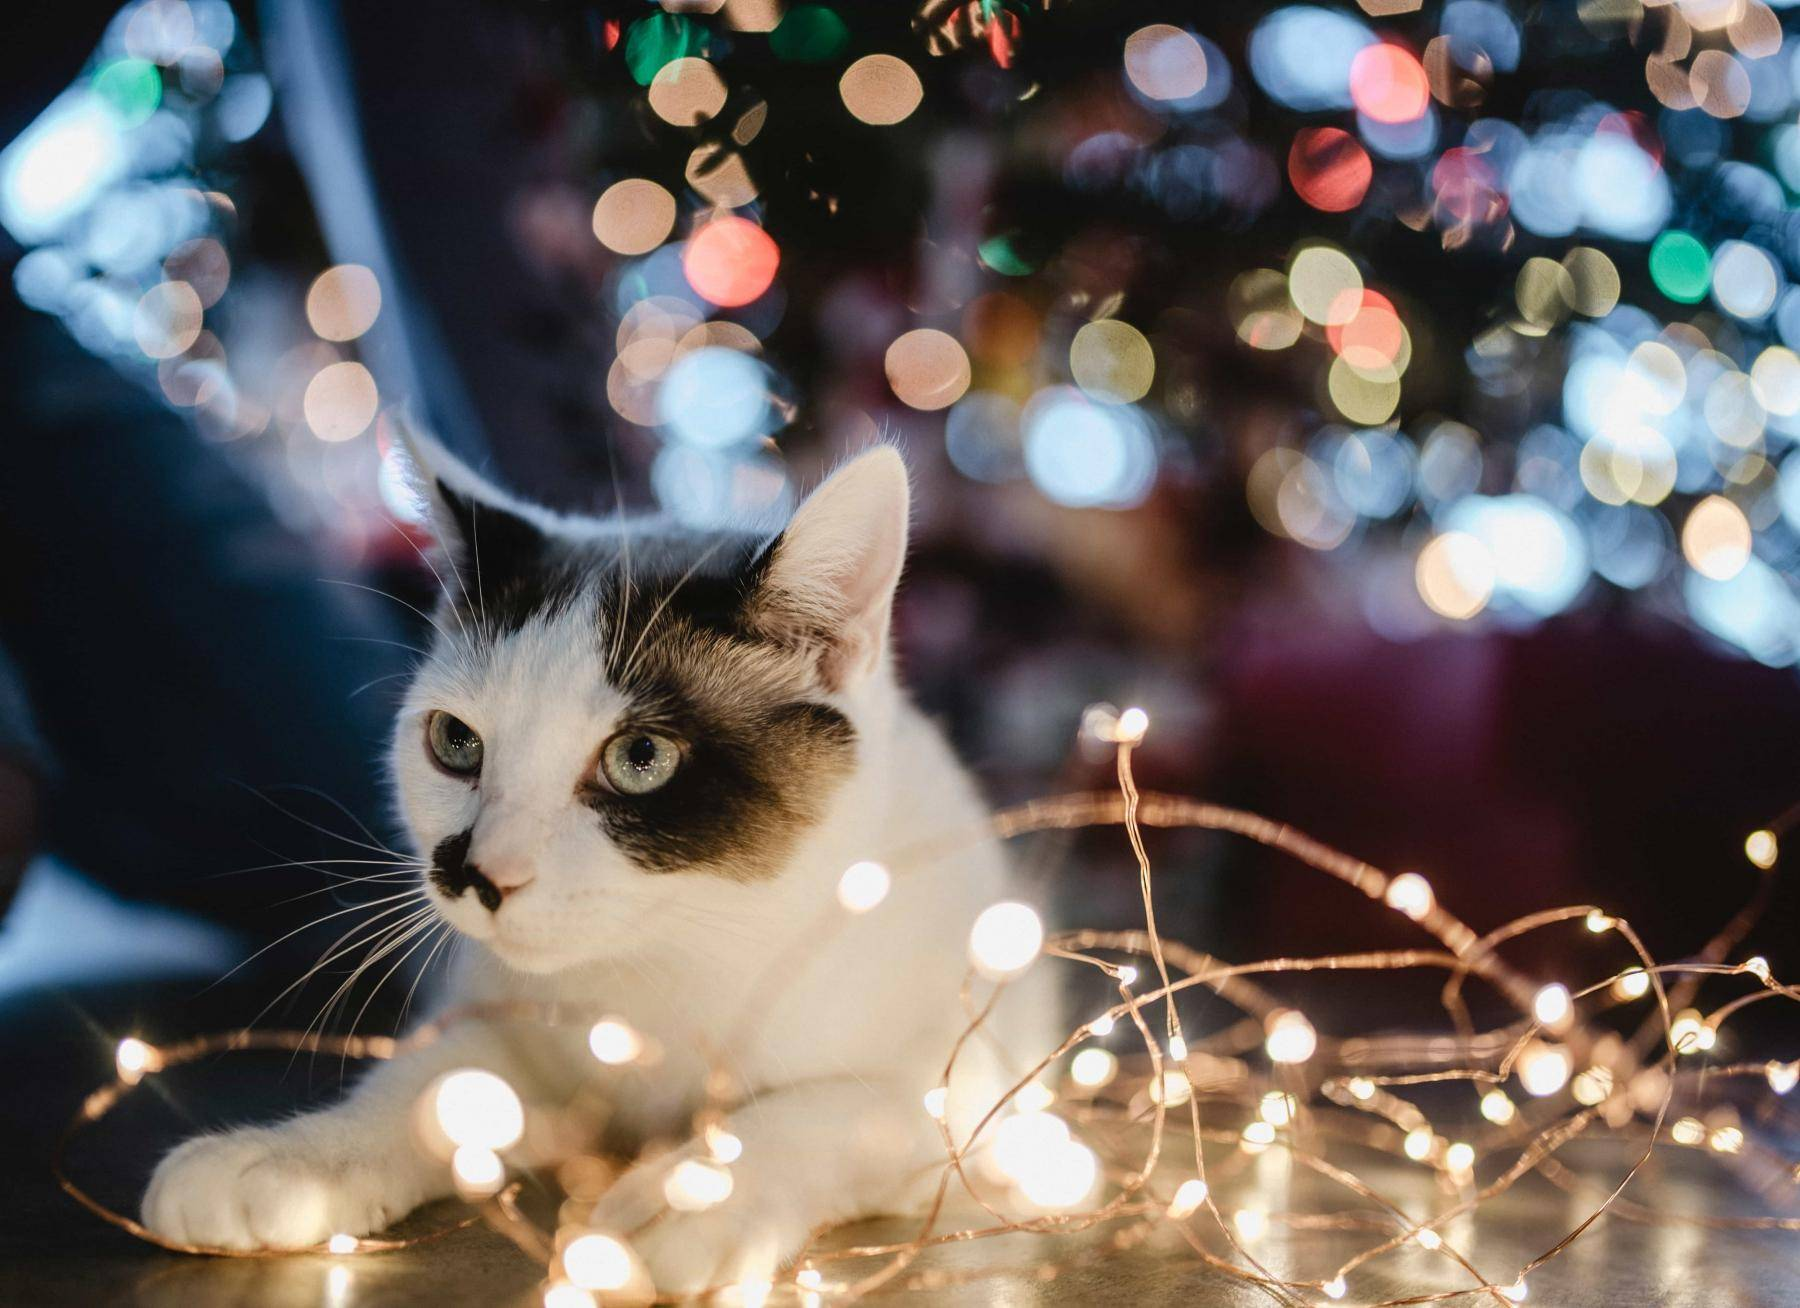 Des idées pour décorer sa maison en attendant Noël !